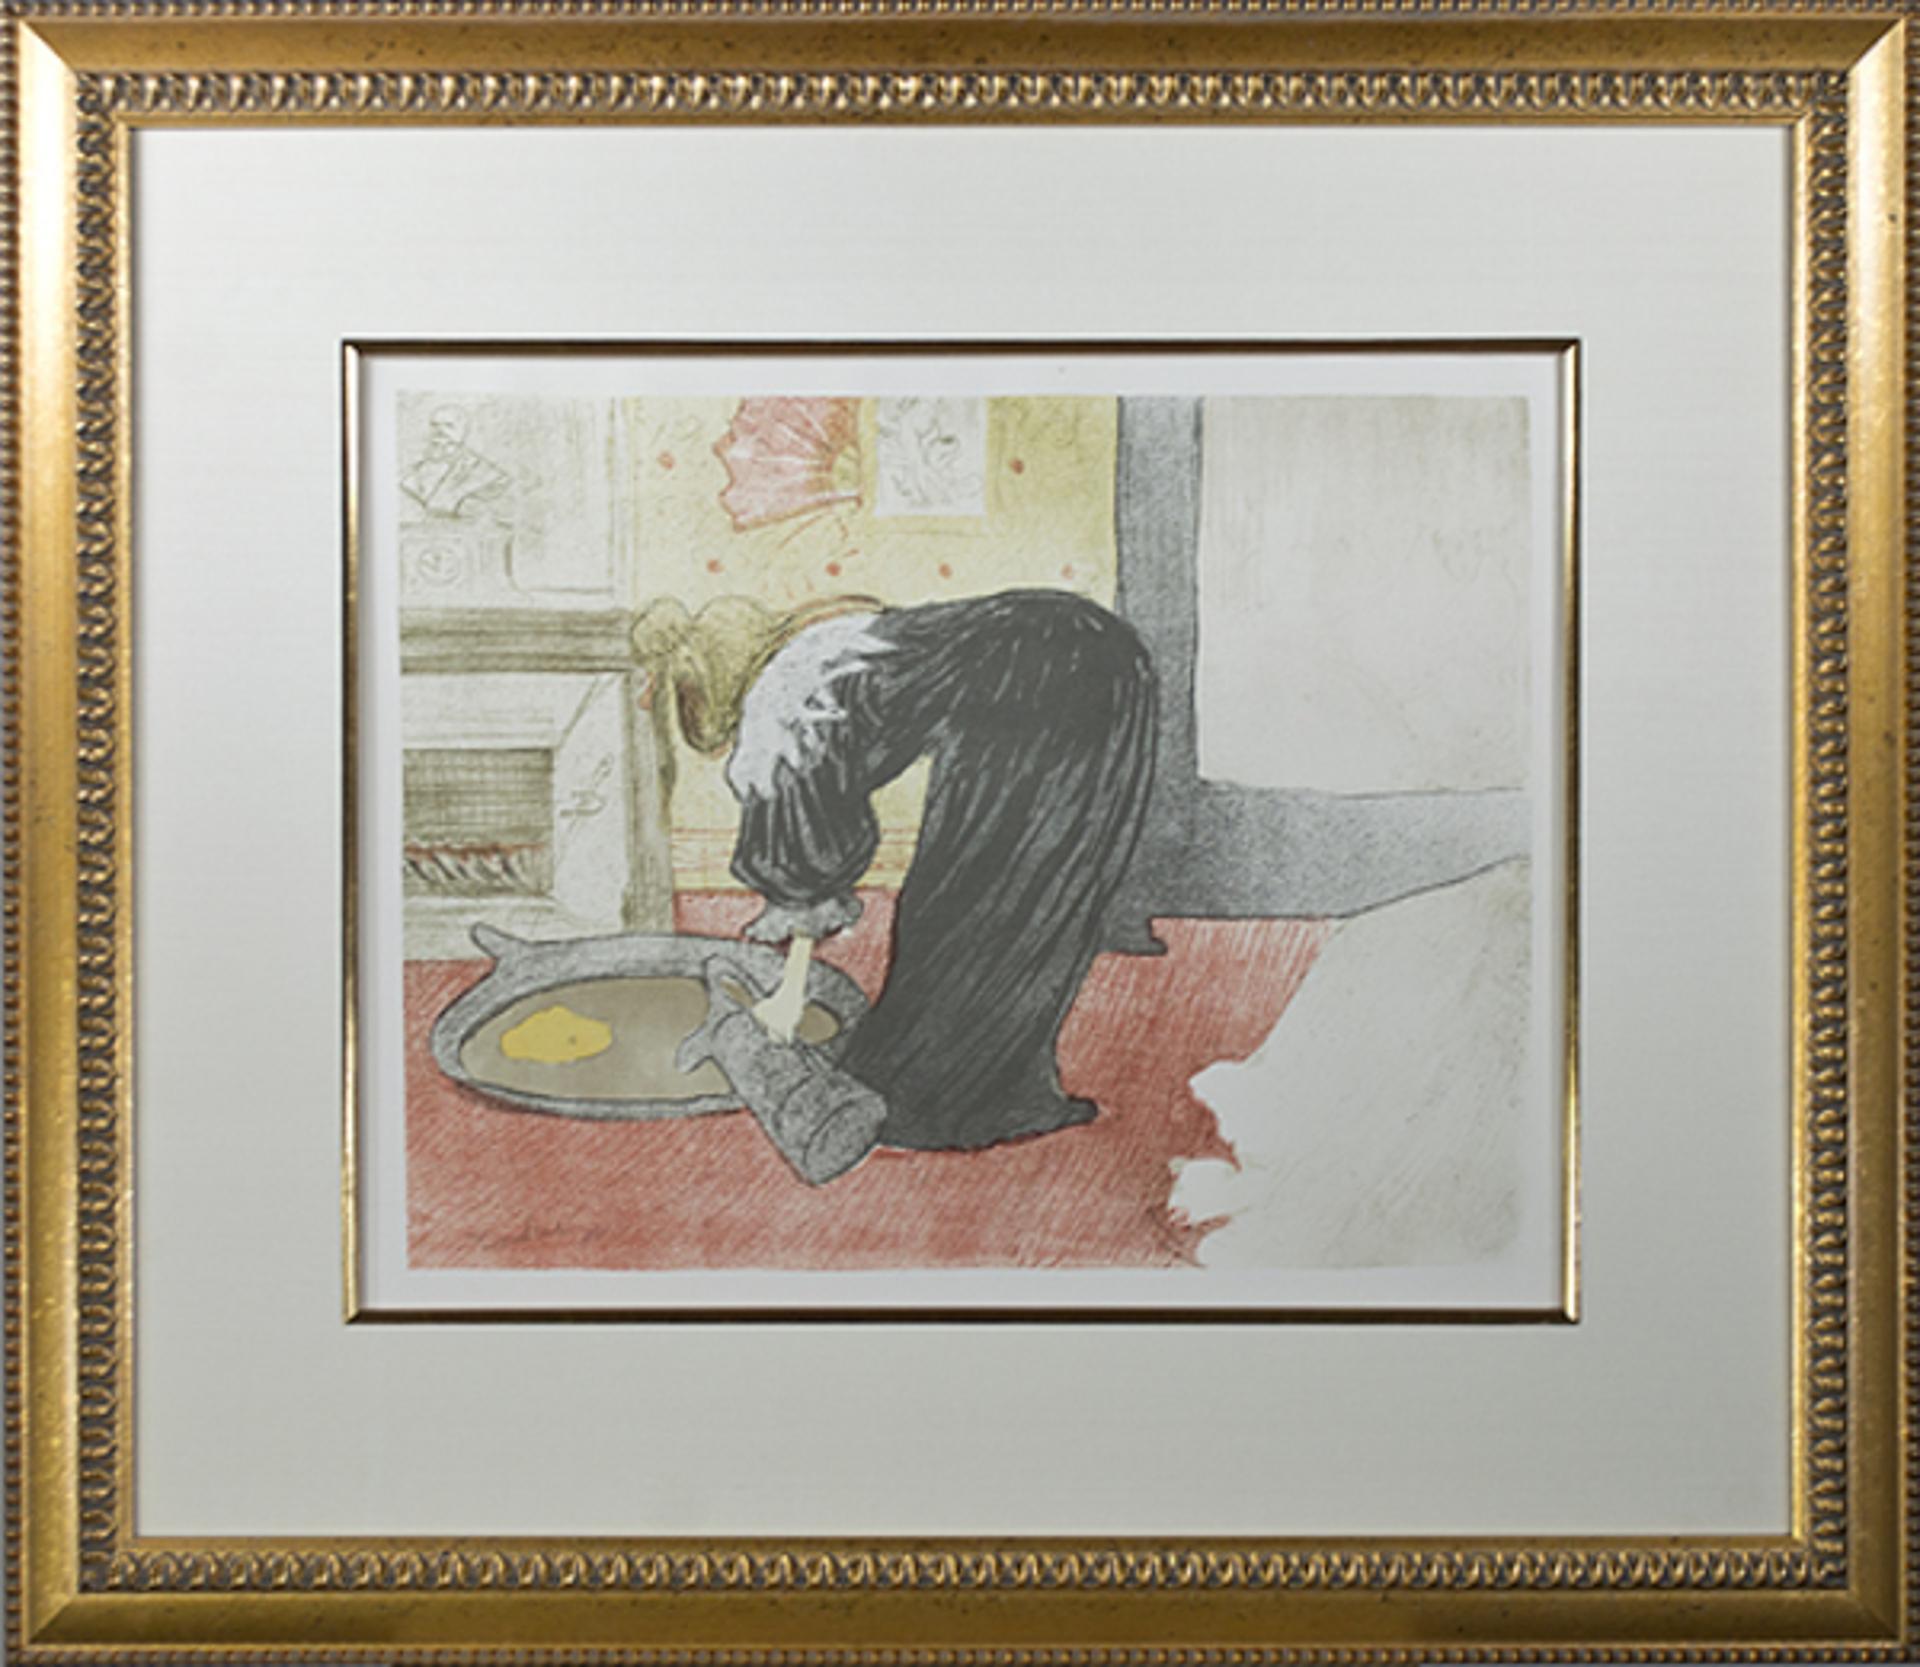 Femme au Tub-Le Tub by Henri de Toulouse-Lautrec